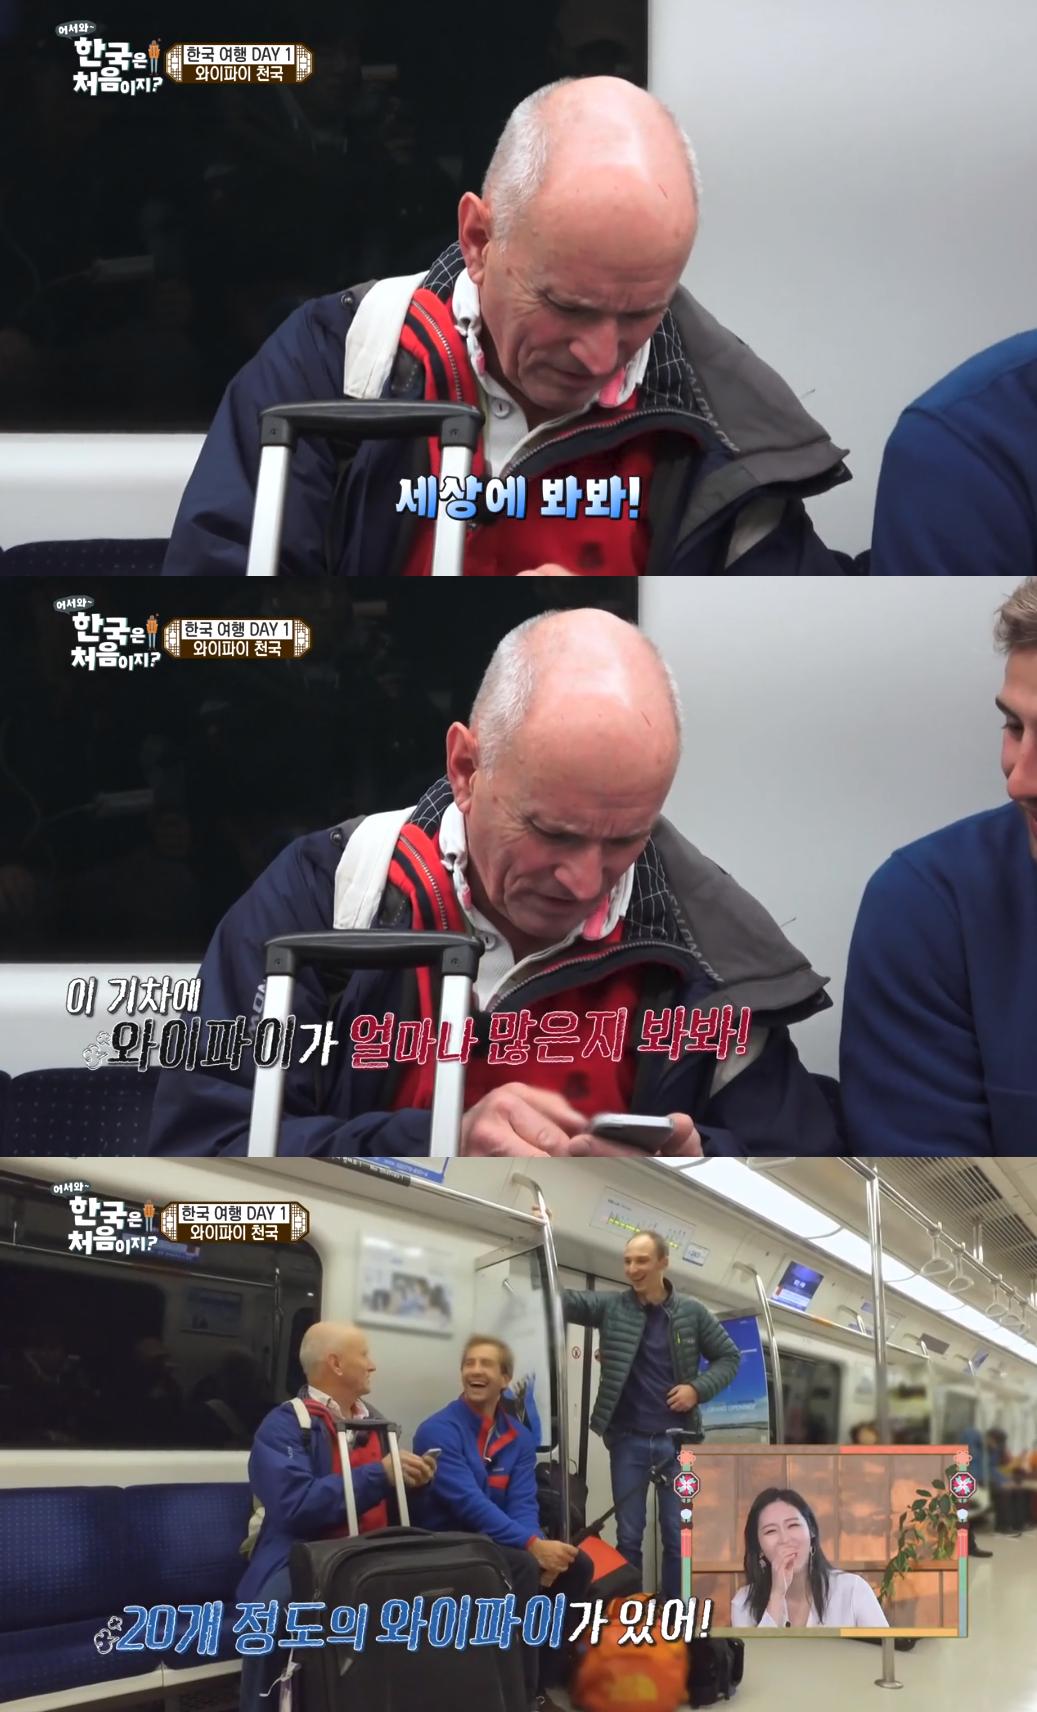 '어서와' 영국 친구들이 한국 지하철 타고 놀란 이유